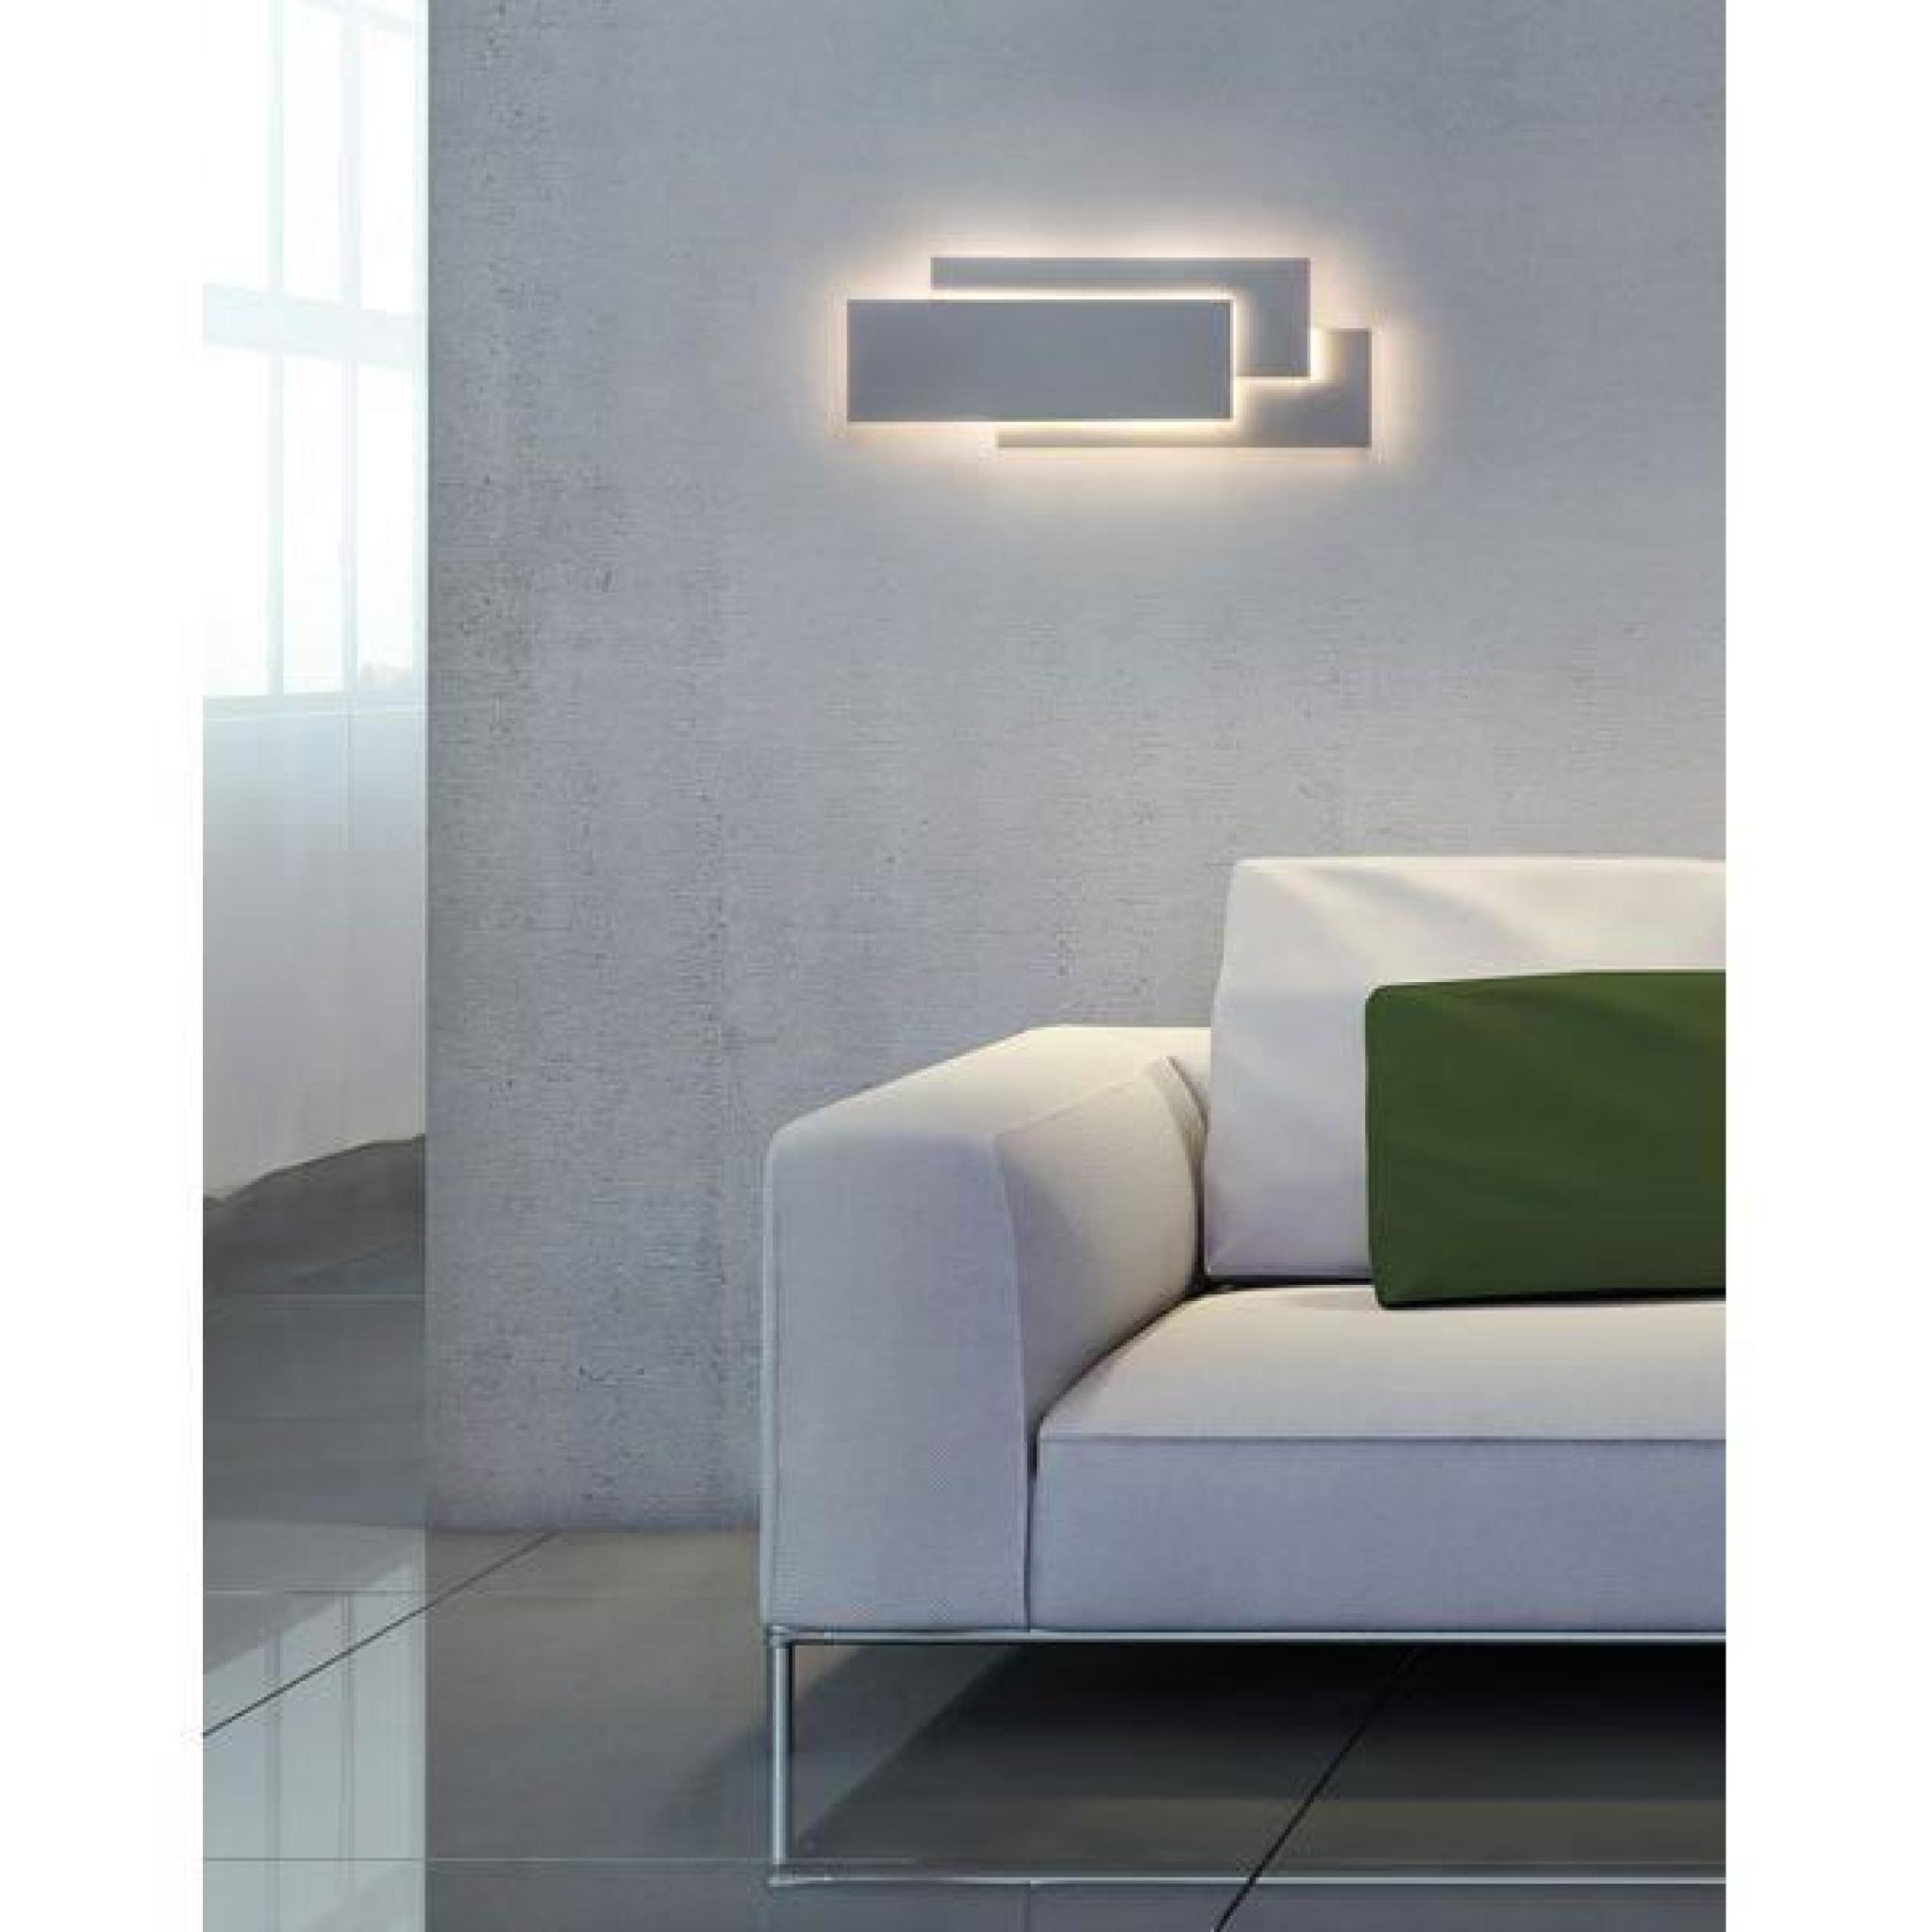 applique murale led edge 560 achat vente applique murale pas cher couleur et. Black Bedroom Furniture Sets. Home Design Ideas